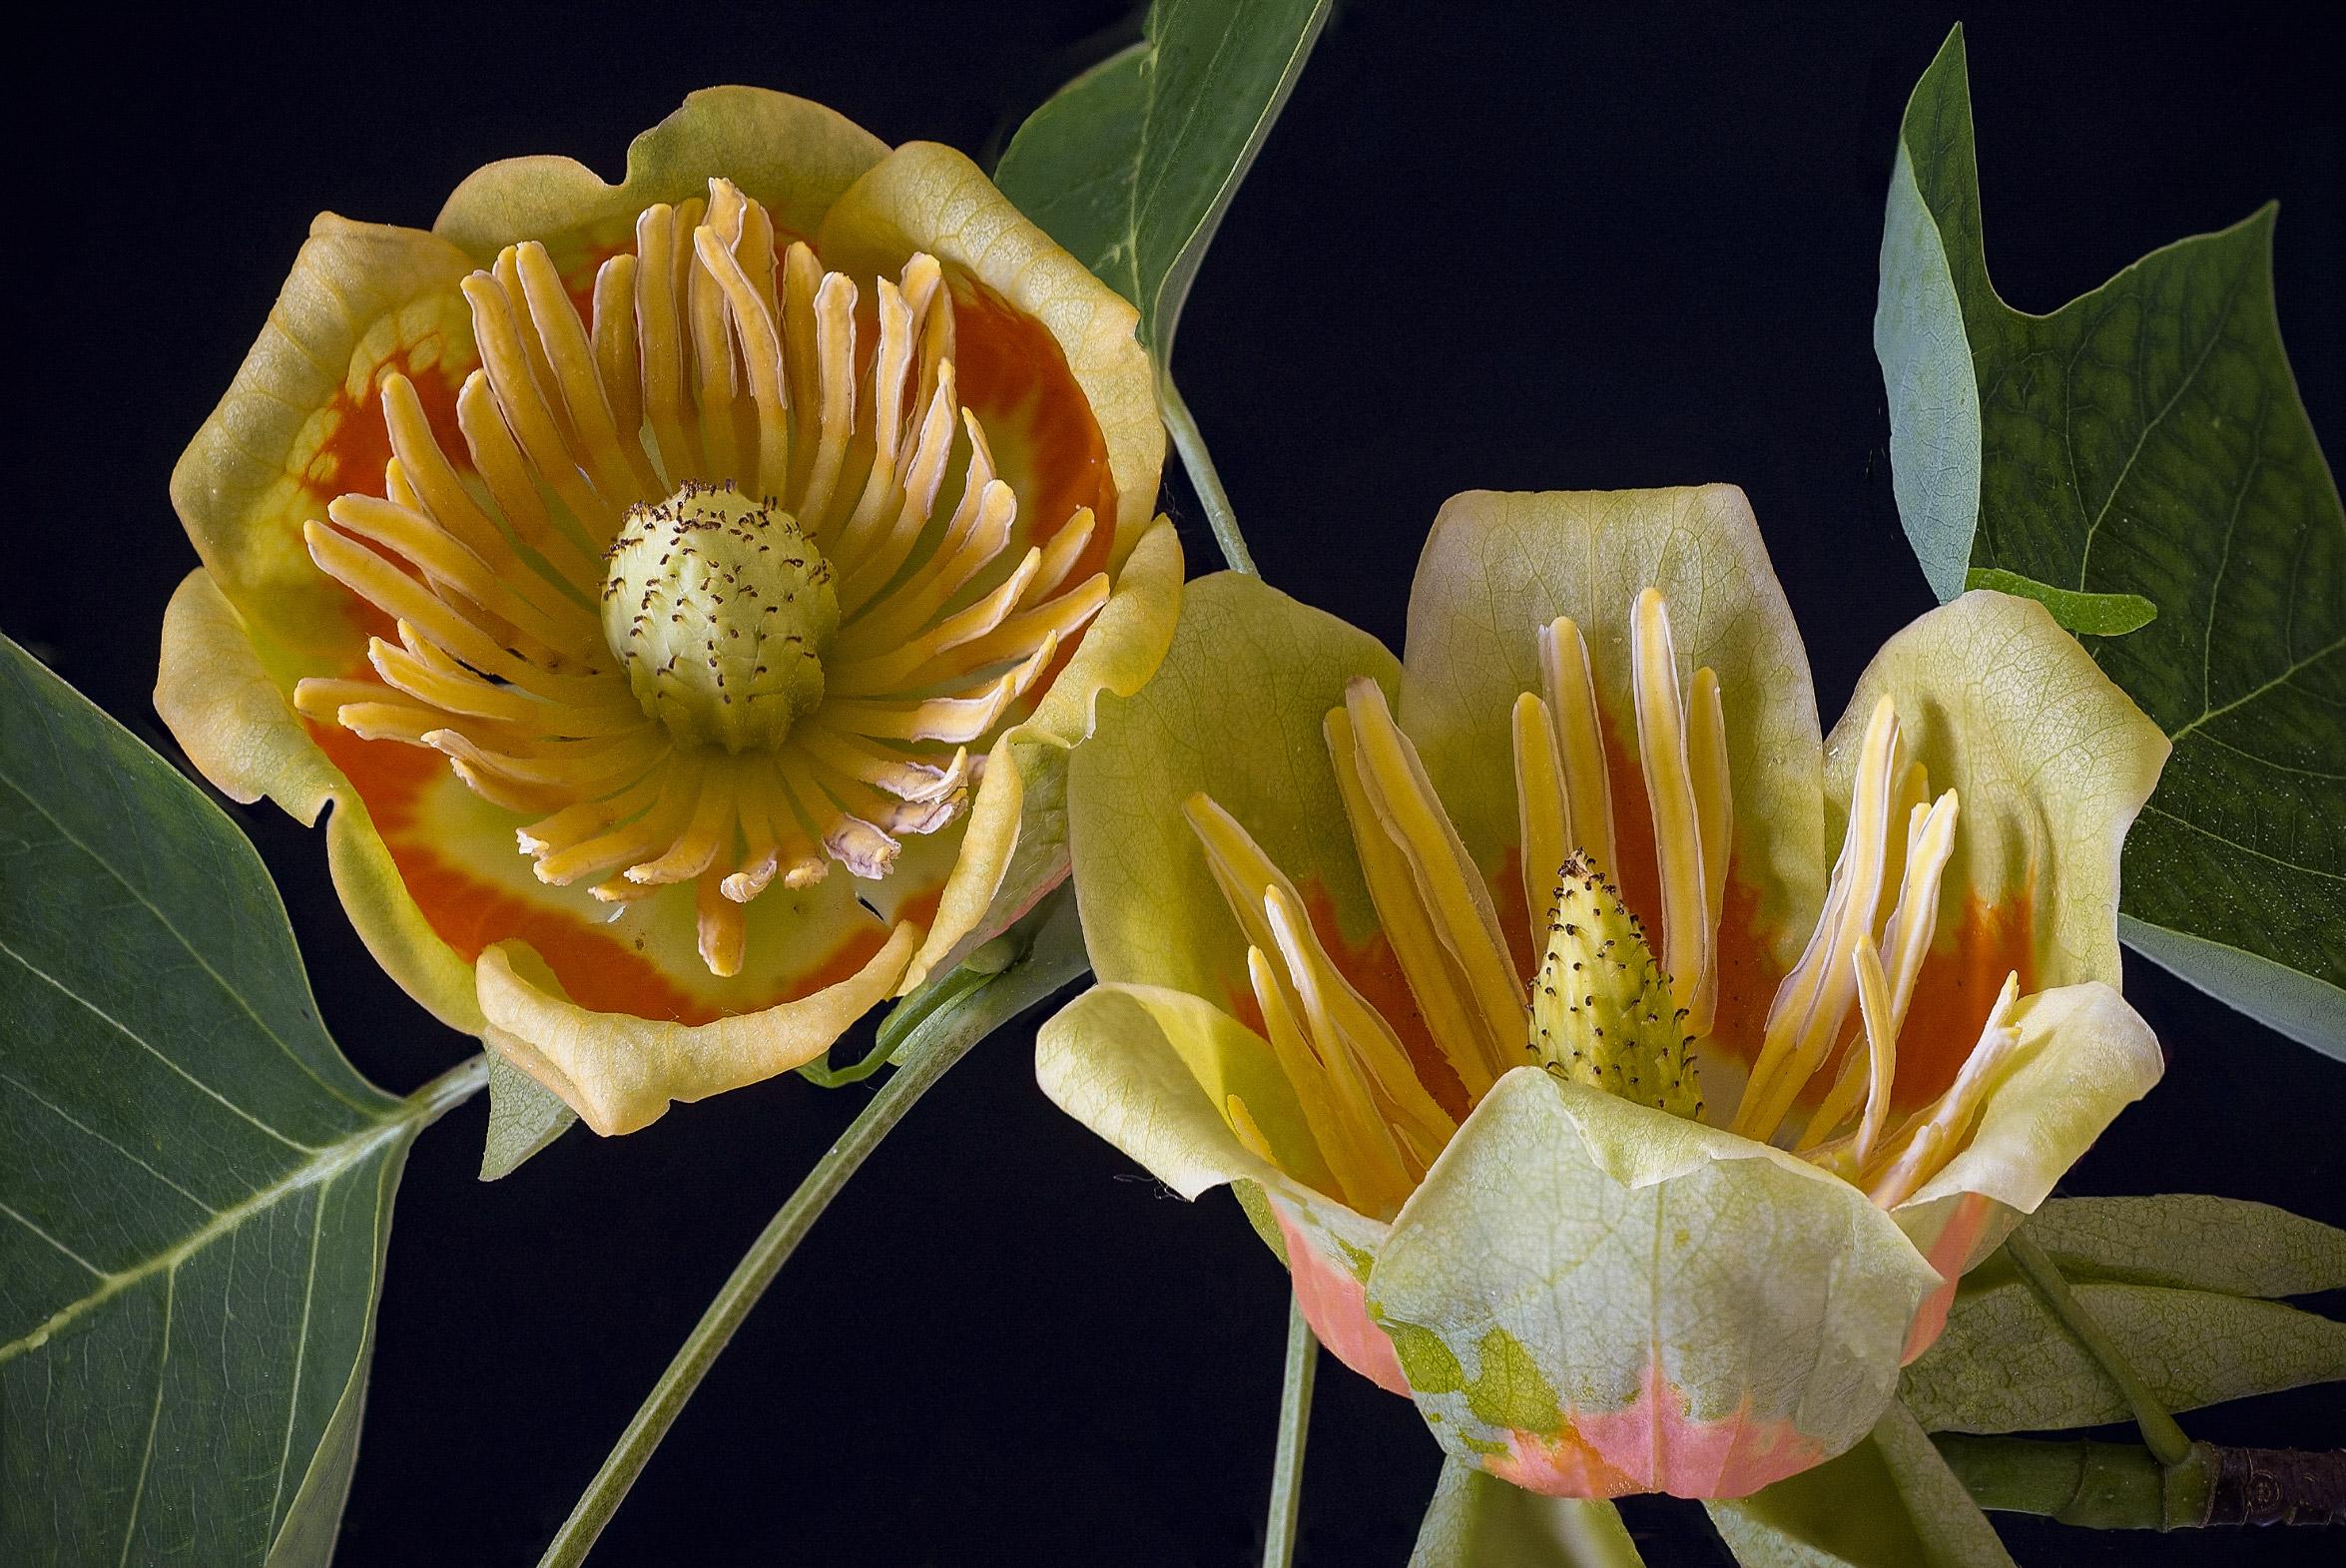 Albero dei tulipani - Liriodendro...